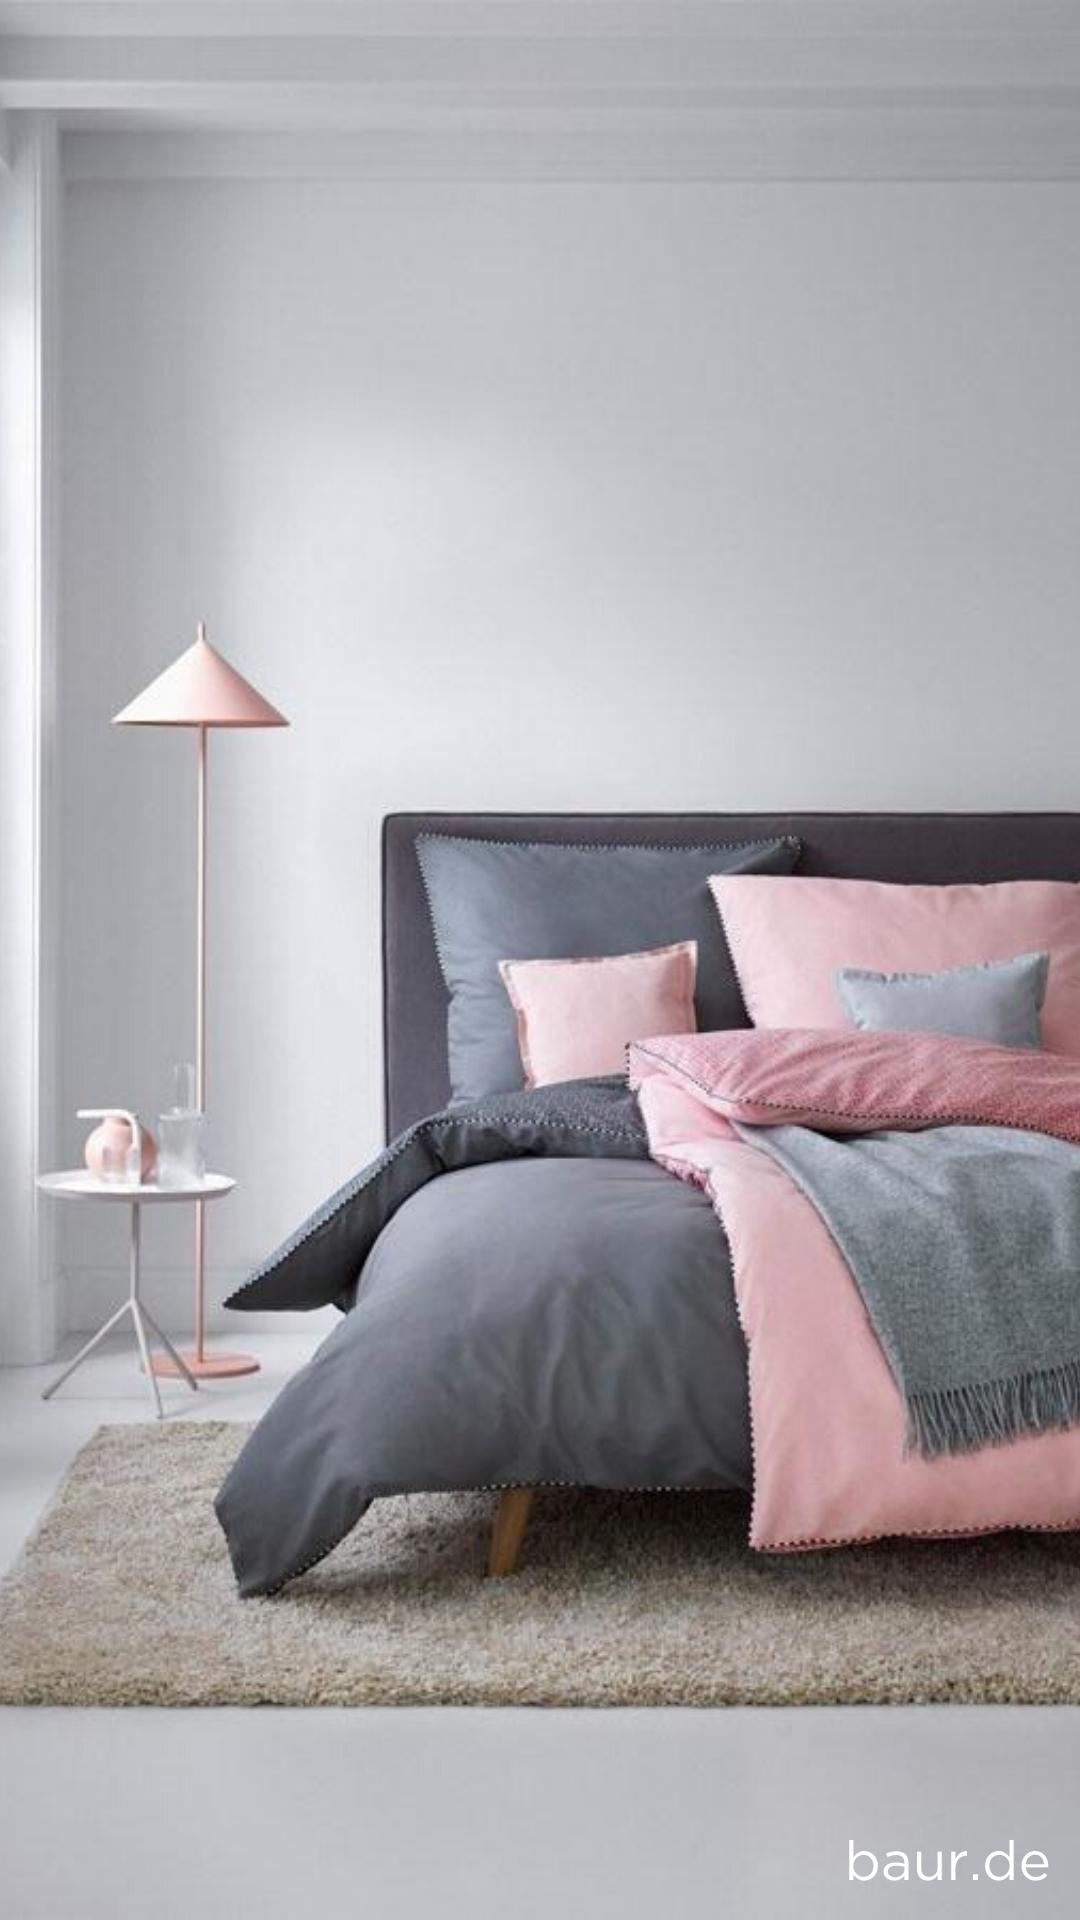 Schlafzimmer Ideen von baur.de – Entdecke Einrichtungsideen für